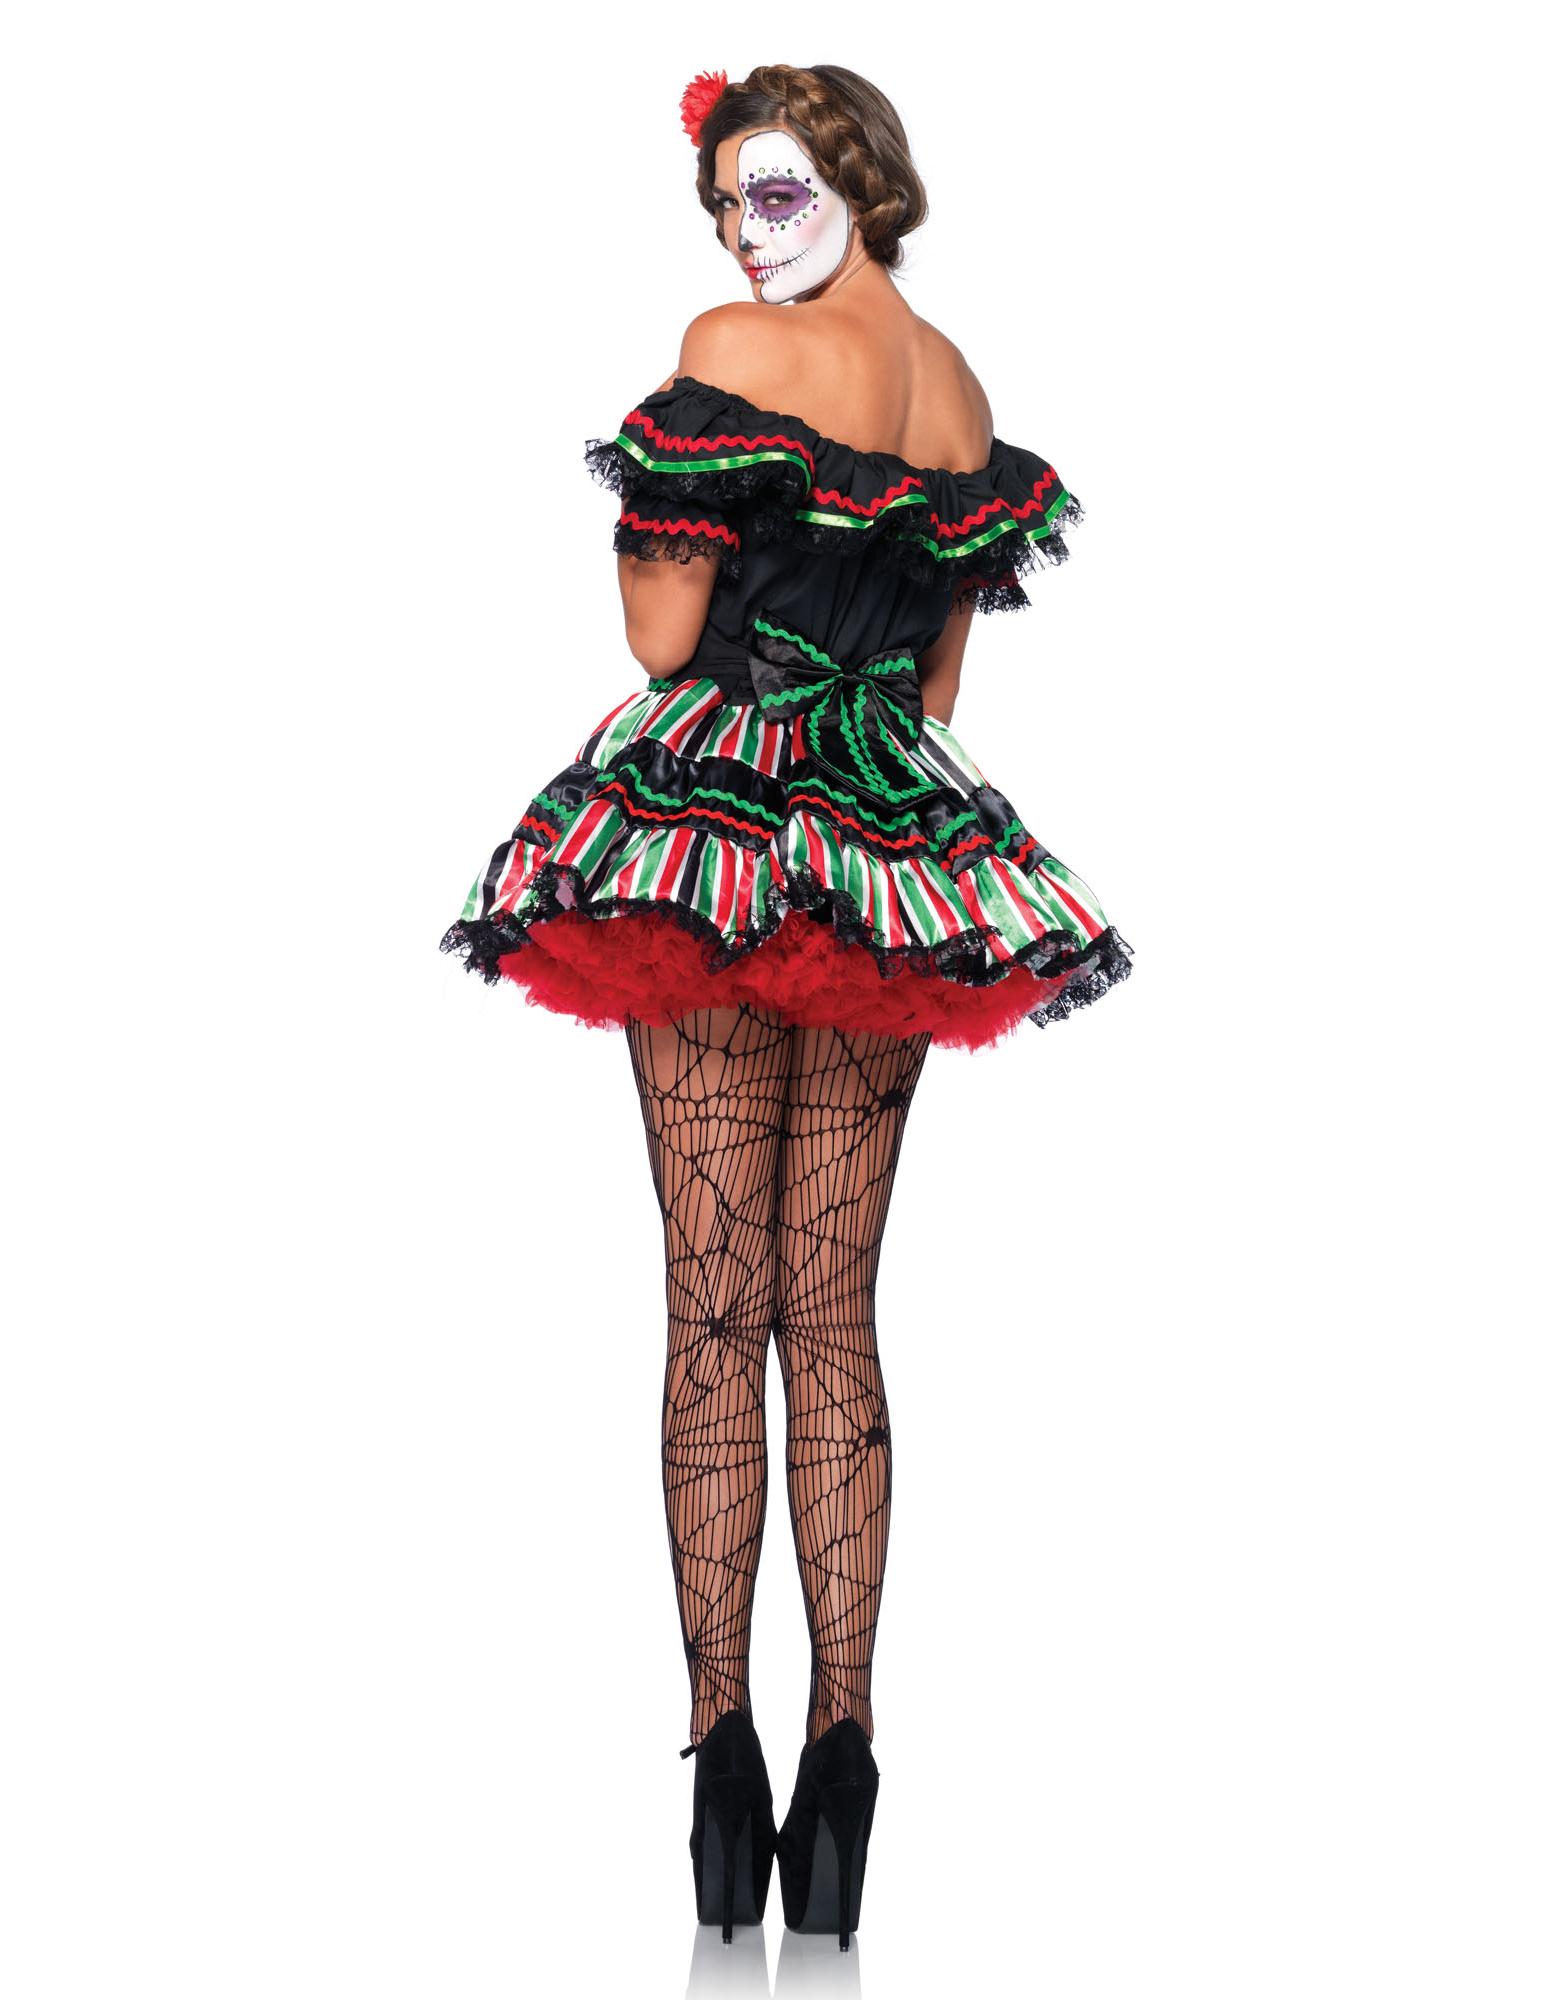 04942383e0 Disfraz Día de los muertos mujer  Disfraces adultos